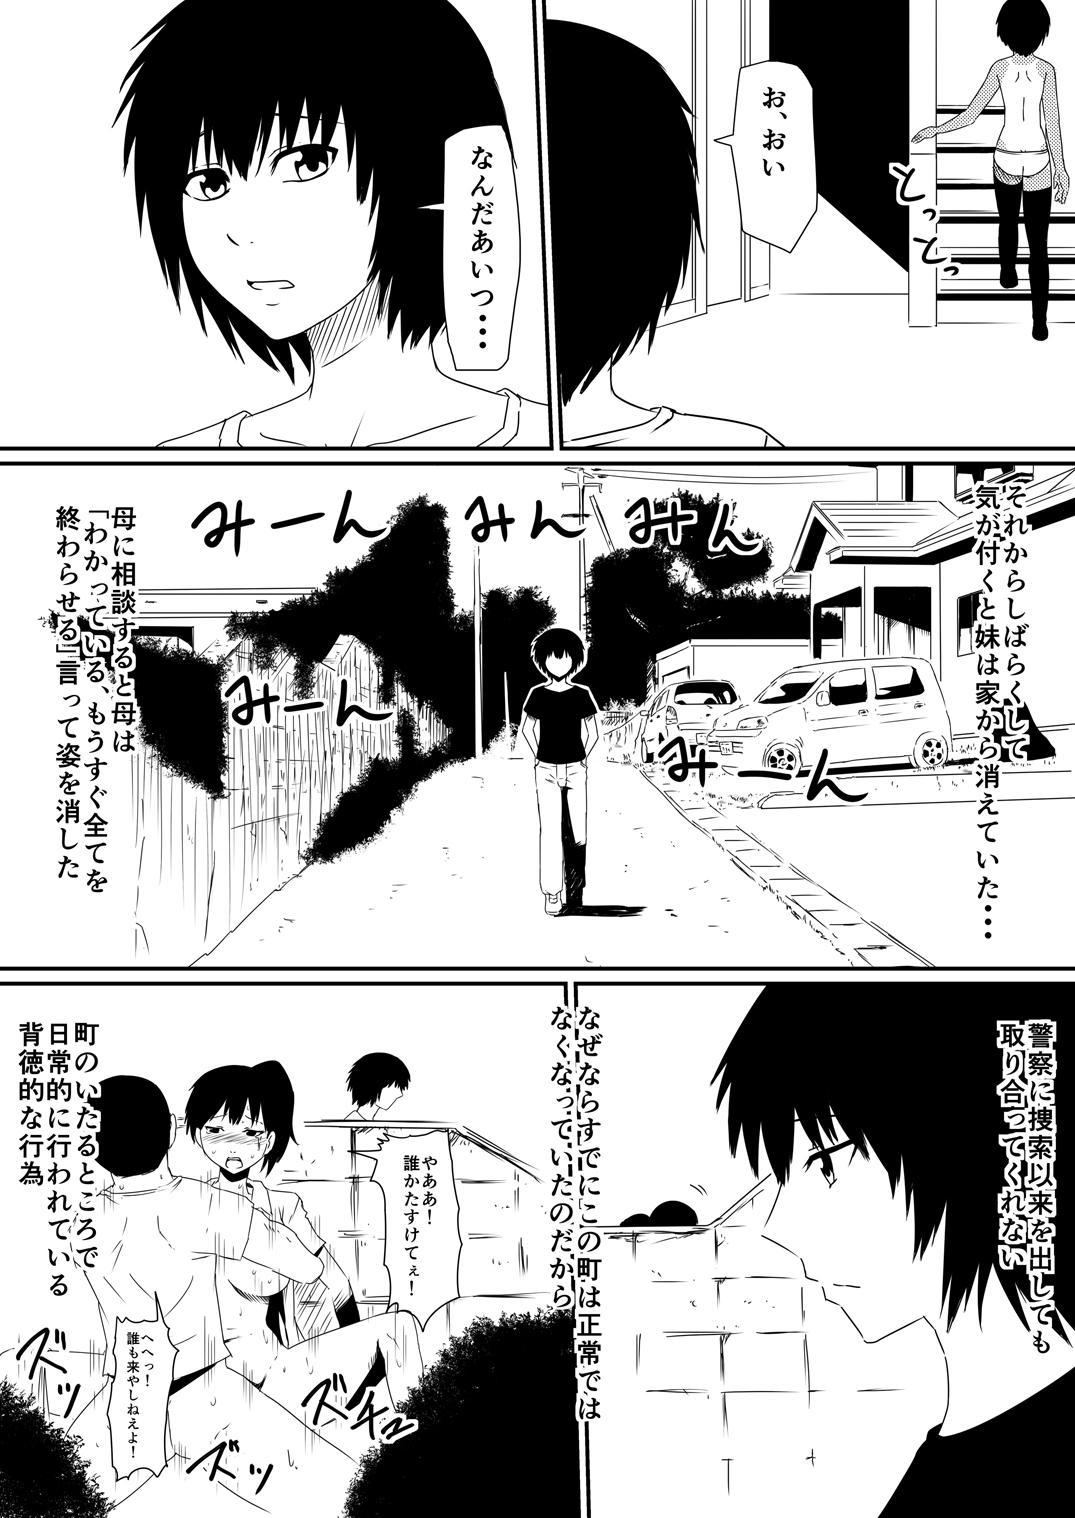 Mashou no Chinko o Motsu Shounen Kouhen 13